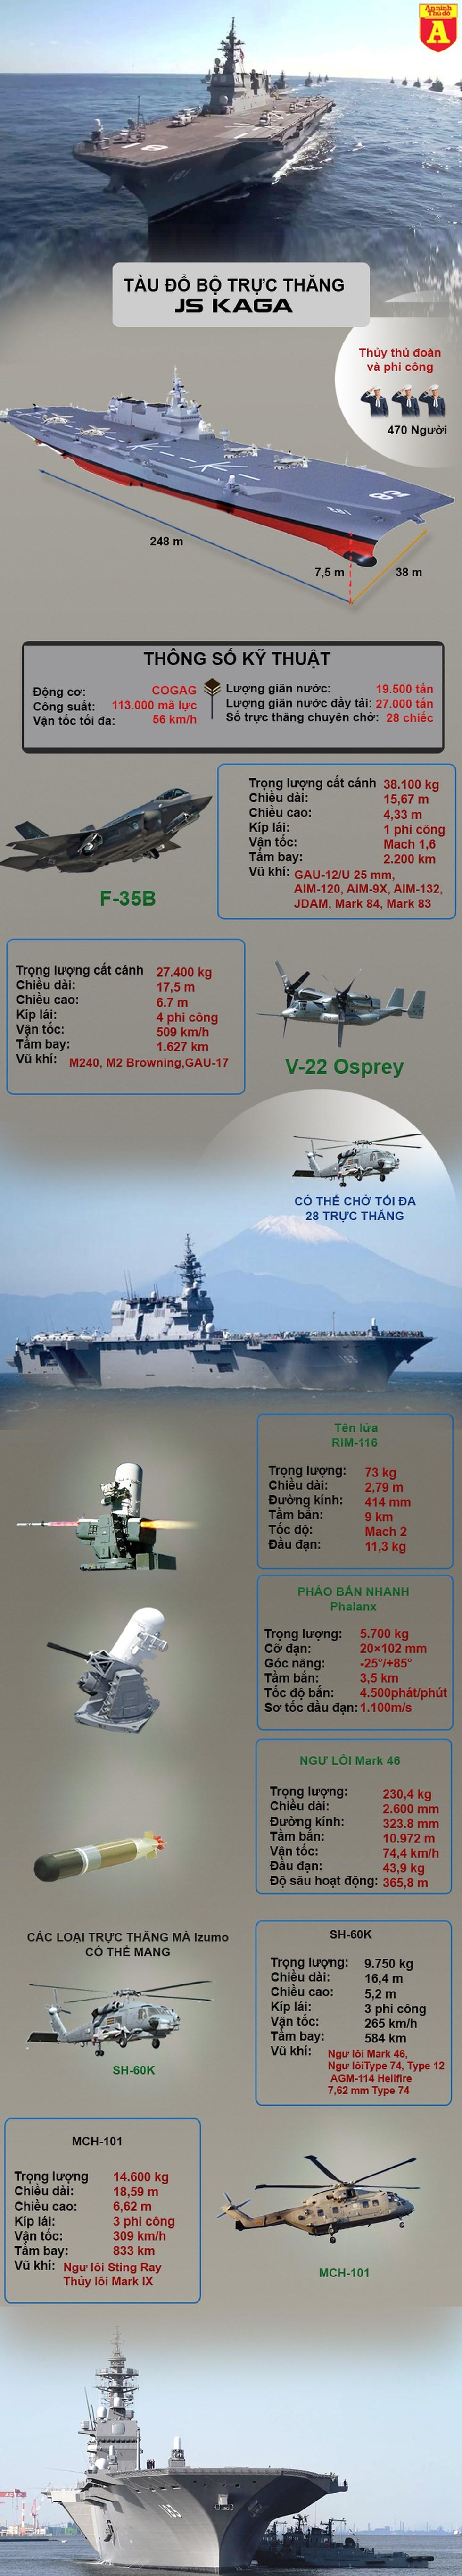 [Info] Hành động bất ngờ vừa xảy ra của Nhật Bản khiến Trung Quốc chột dạ ảnh 2